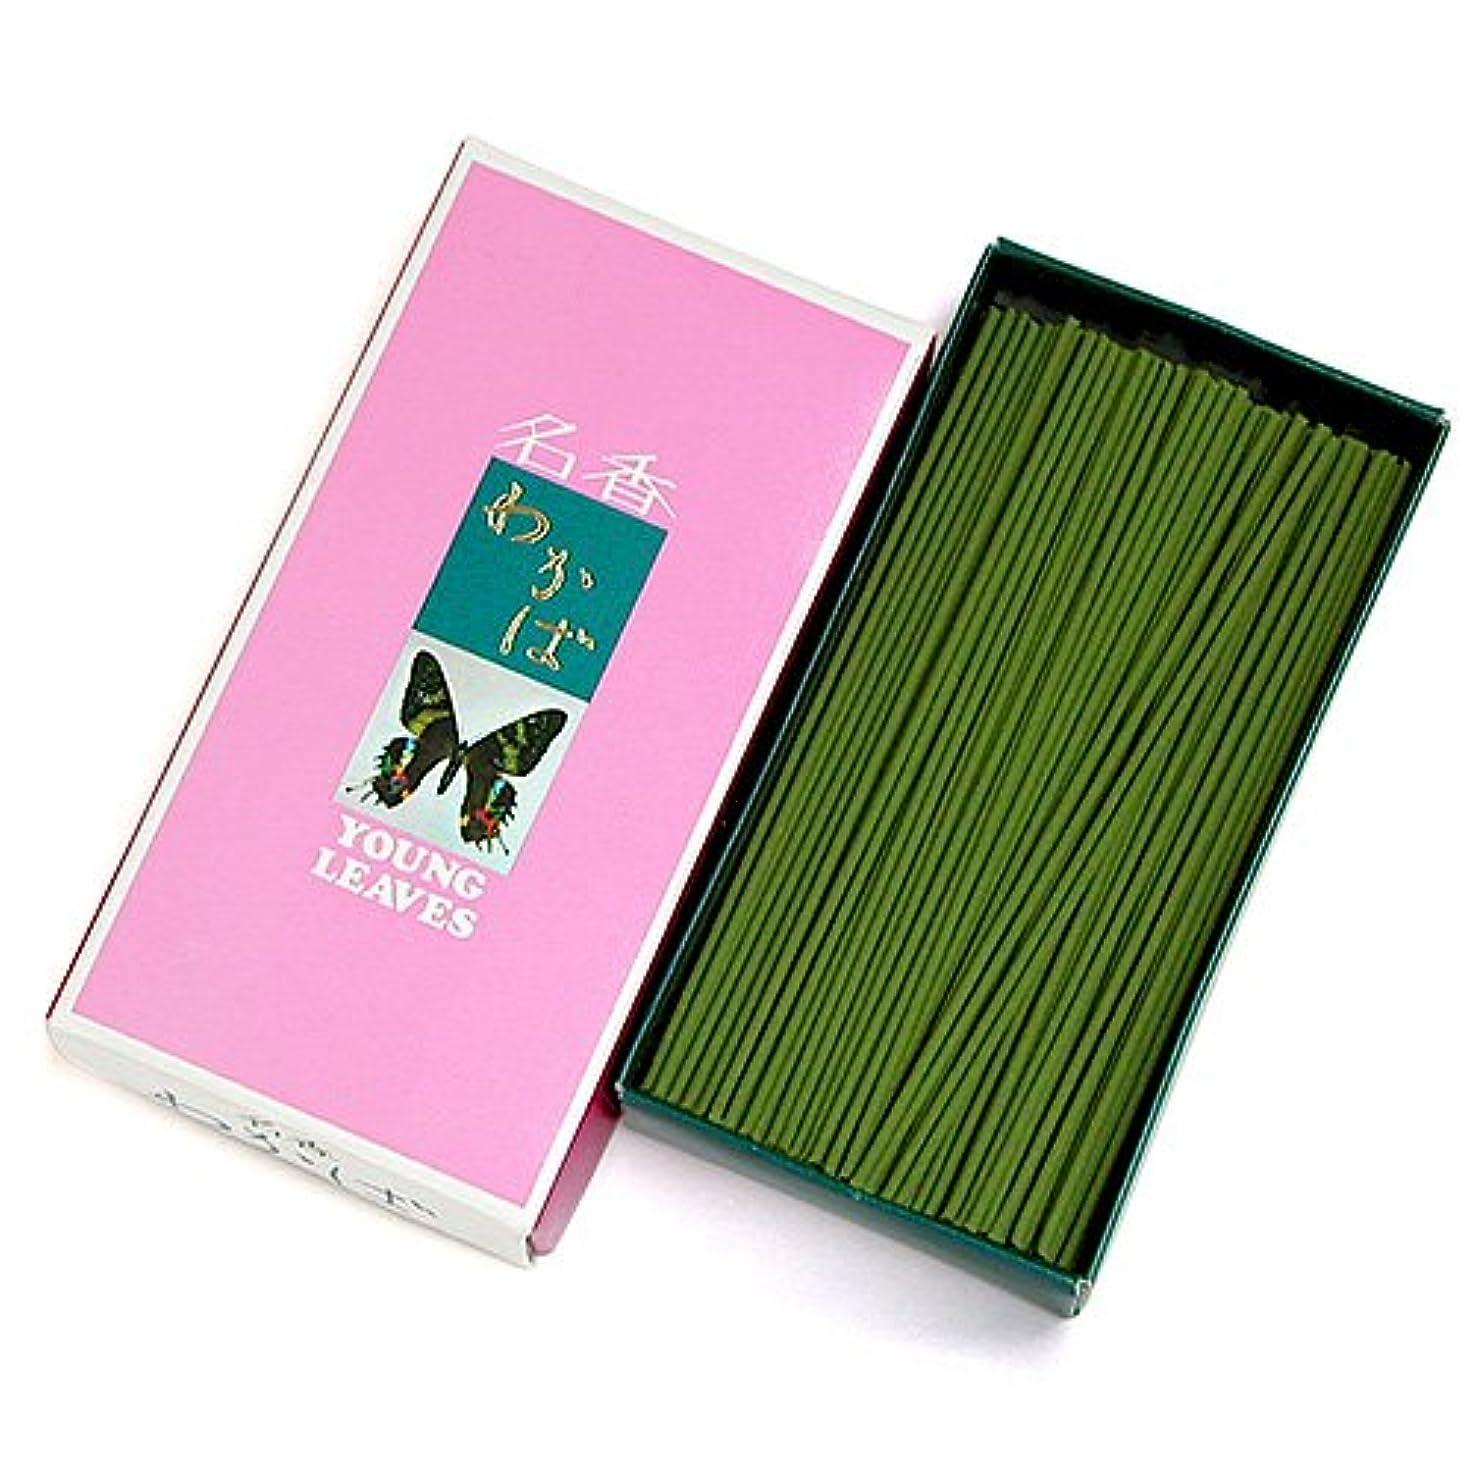 細い評議会ハグ家庭用線香 わかば(箱寸法16×8.5×3.5cm)◆香木と調和した香水の香りのお線香(大発)